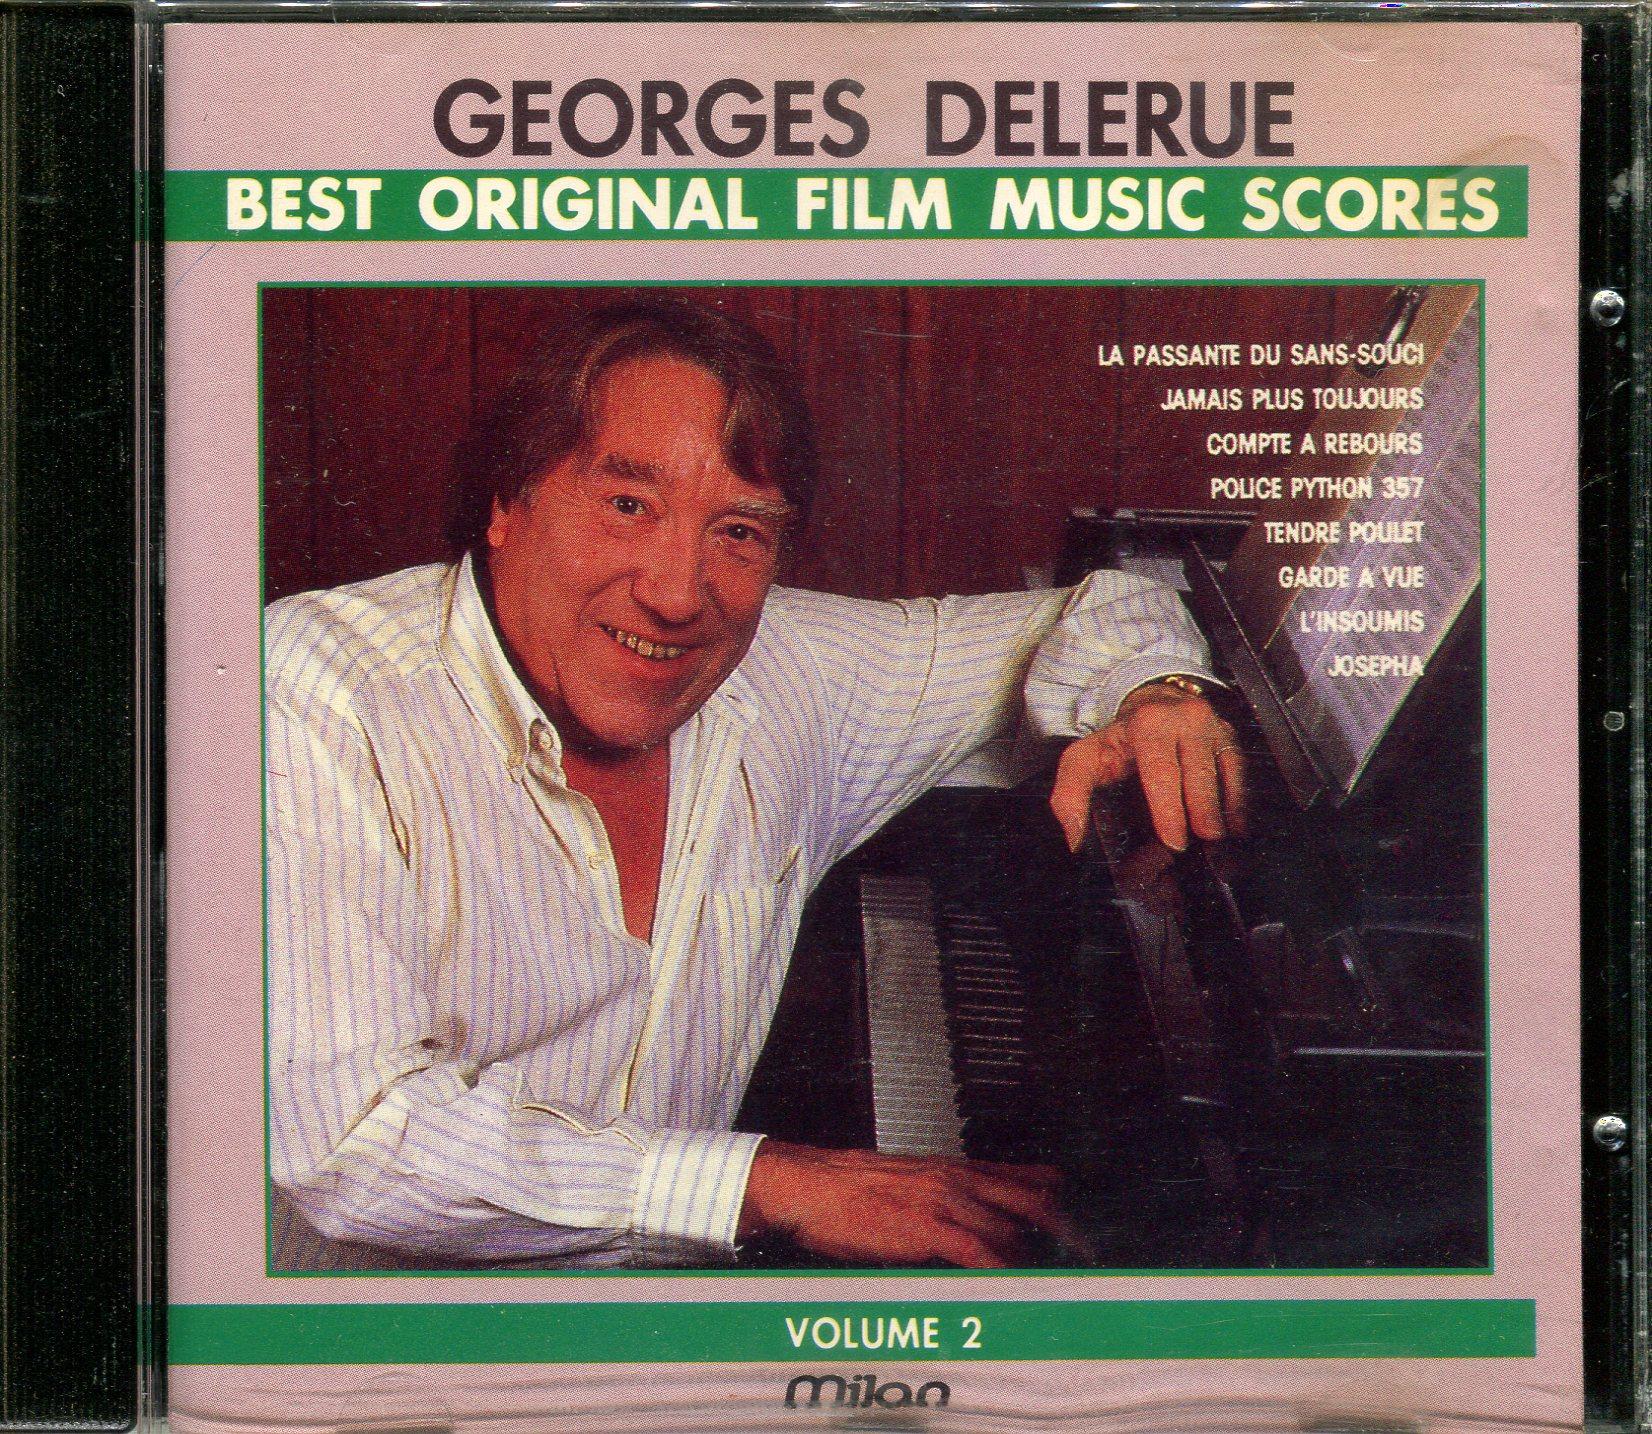 GEORGES DELERUE BEST ORIGINAL FILM SCORES Volume 2